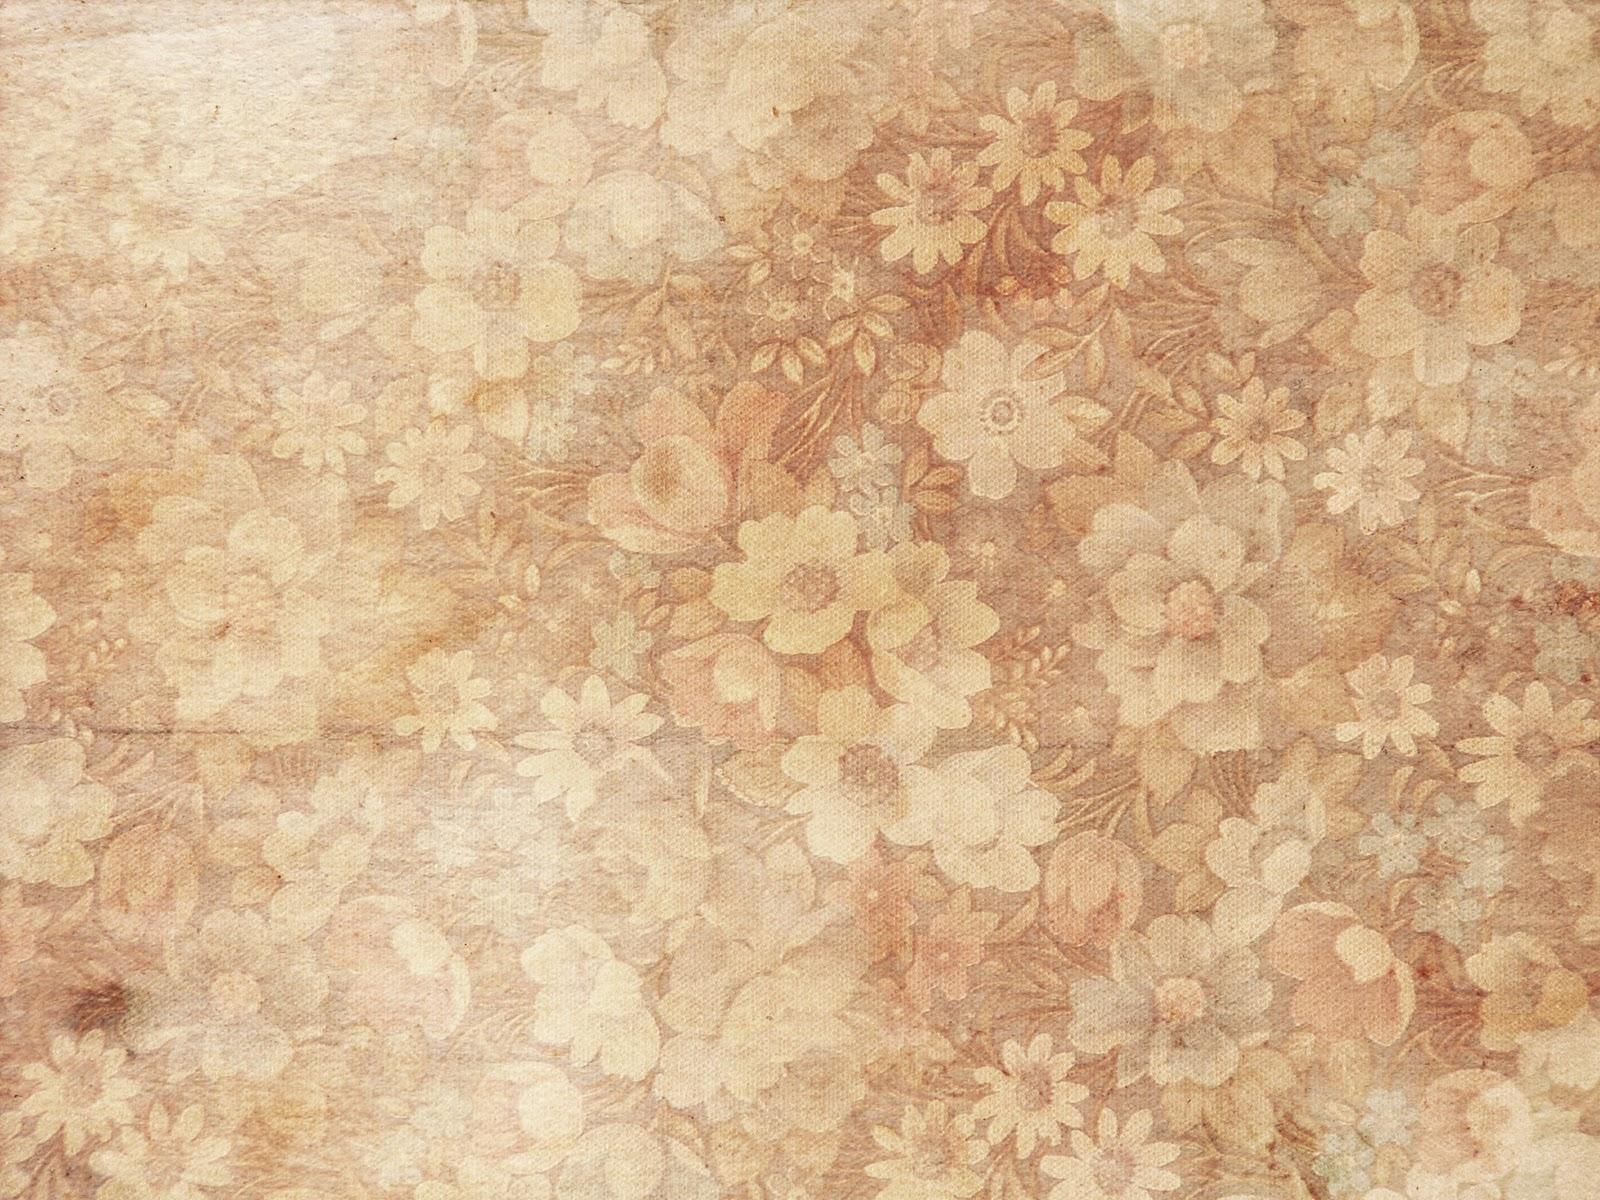 http://3.bp.blogspot.com/_5YQzFd7SgnI/TTh9l1DasvI/AAAAAAAAAw4/apeMKnBHEsw/s1600/Floral+background+texture+4.jpg